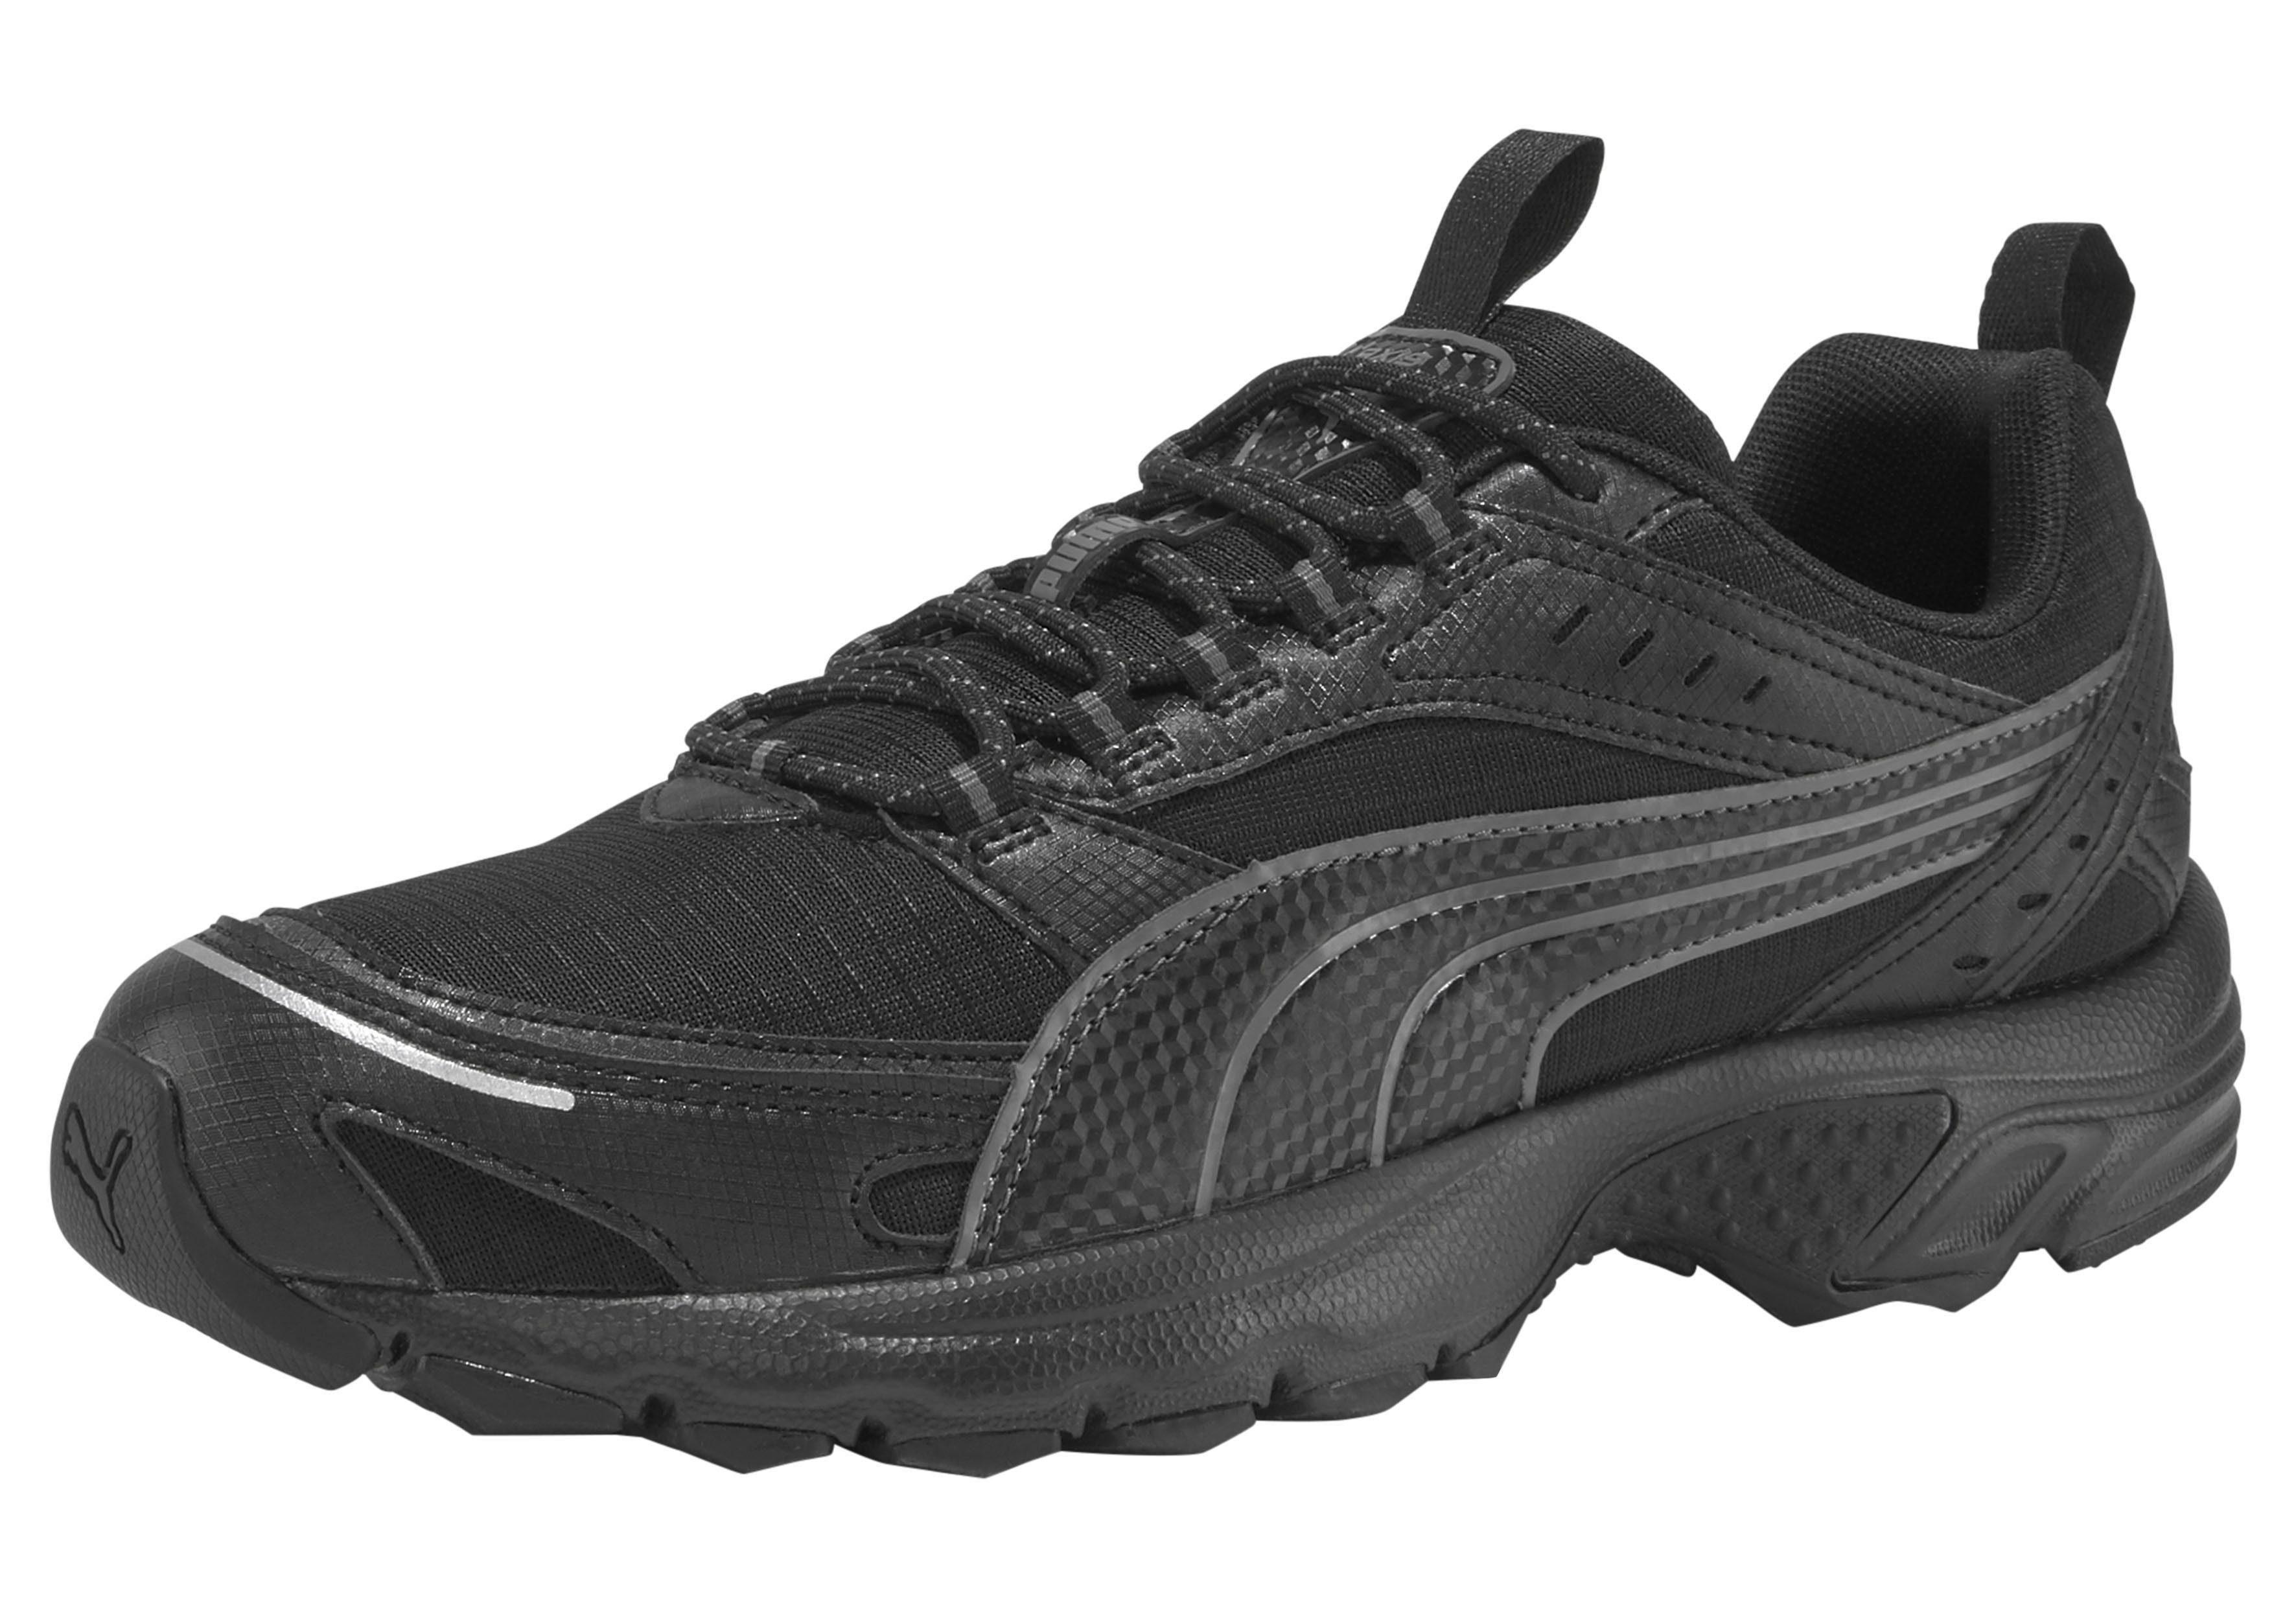 Puma »axis Online KaufenOtto Von Trail« SneakerTrendiger Sneaker mw8Nvn0